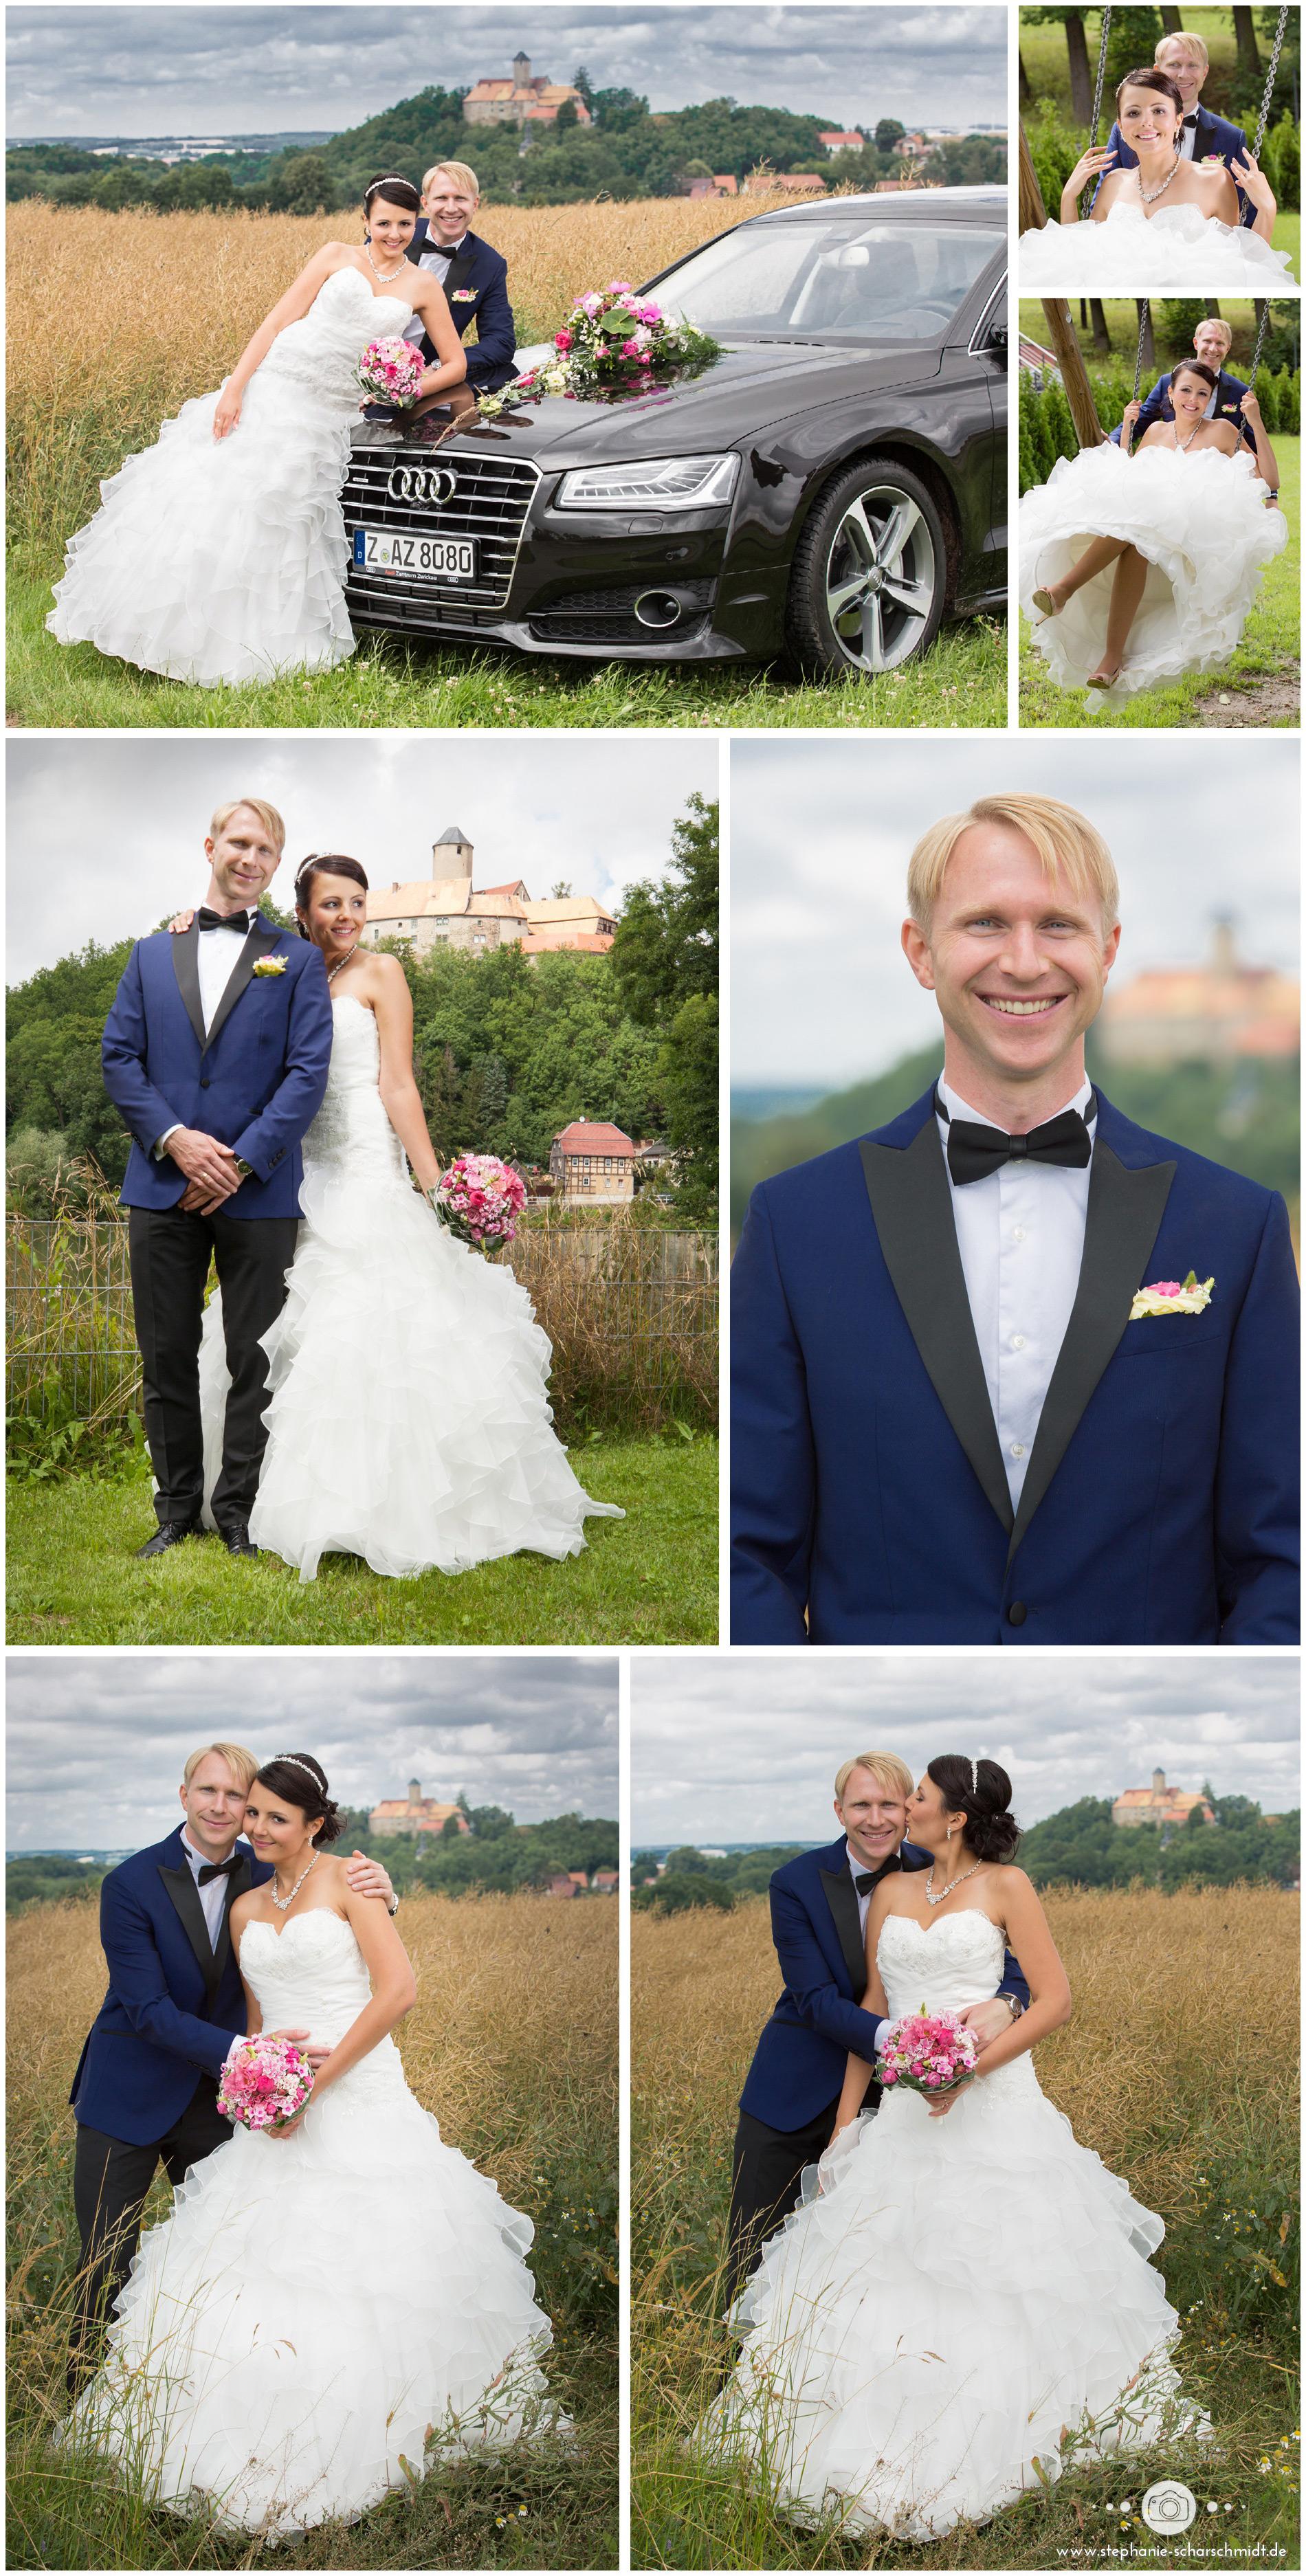 Hochzeitsfotos Burg Schönfels - Hochzeitsfotograf Stephanie Scharschmidt